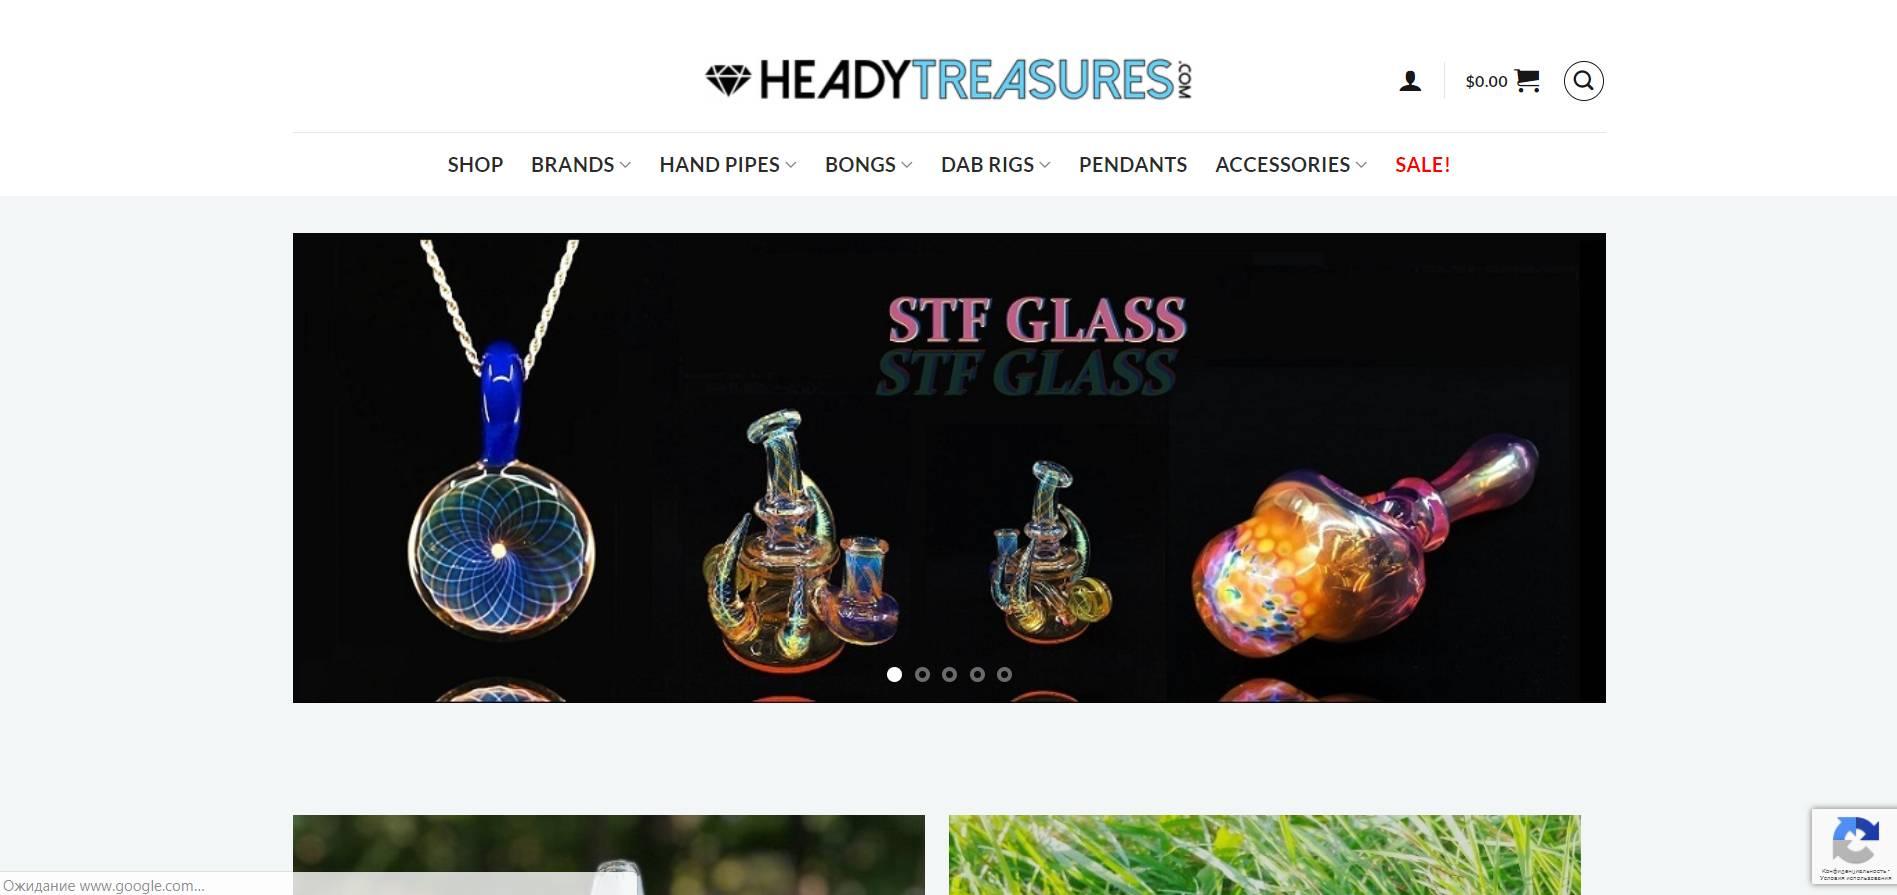 Heady Treasures